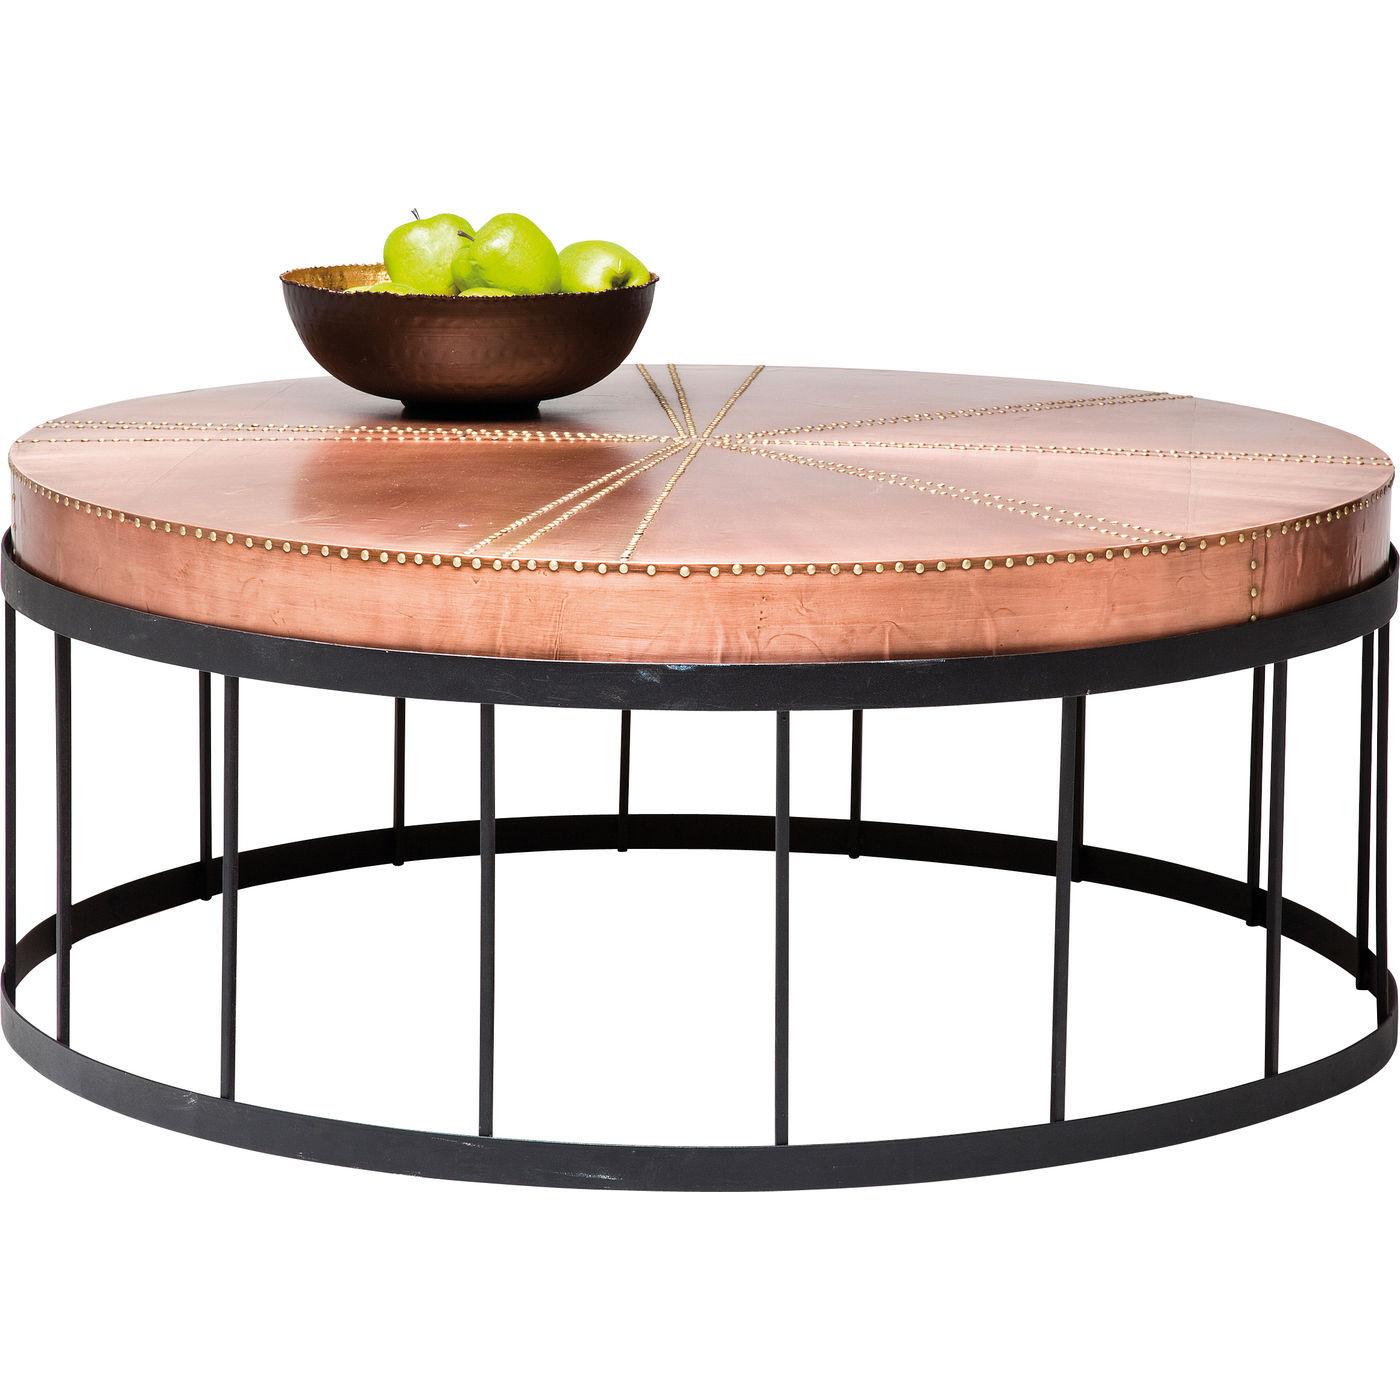 Billede af Kare Design Sofabord, Rivet Copper